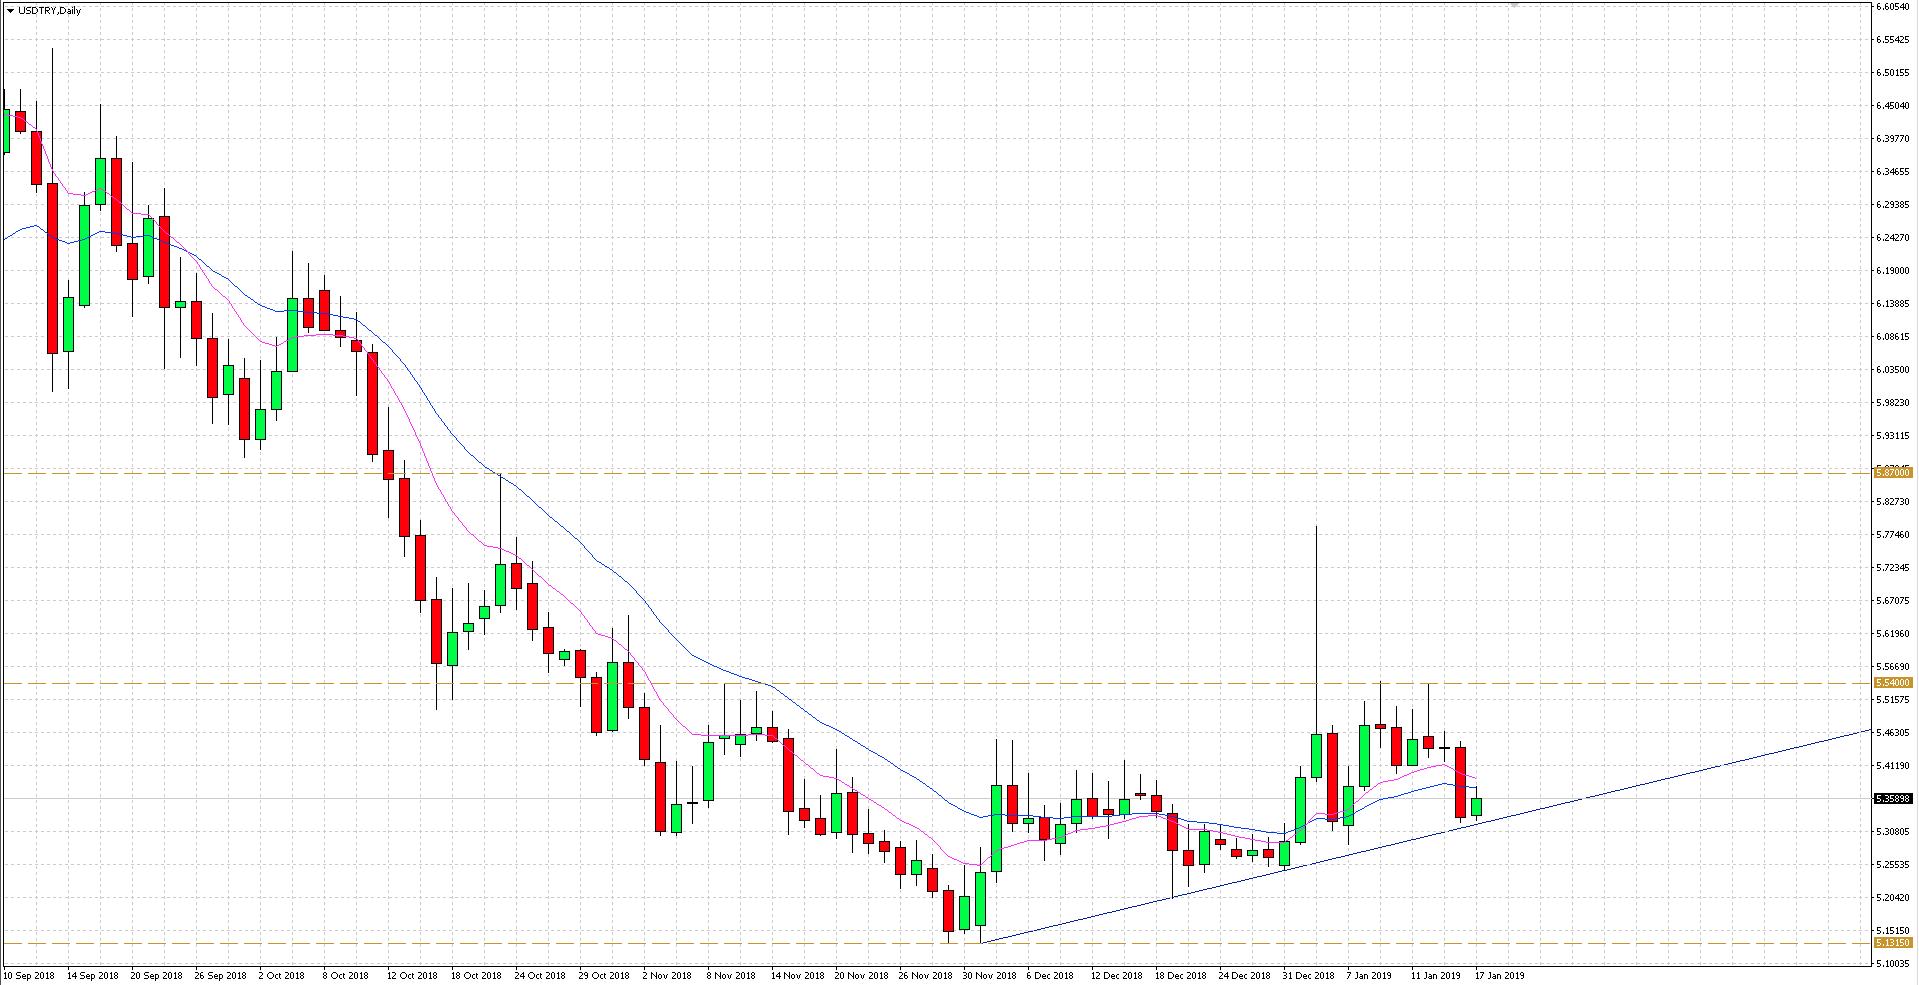 Notowania liry tureckiej umacniały się podczas wczorajszej sesji, co zaowocowało spadkiem na parze walutowej USD/TRY